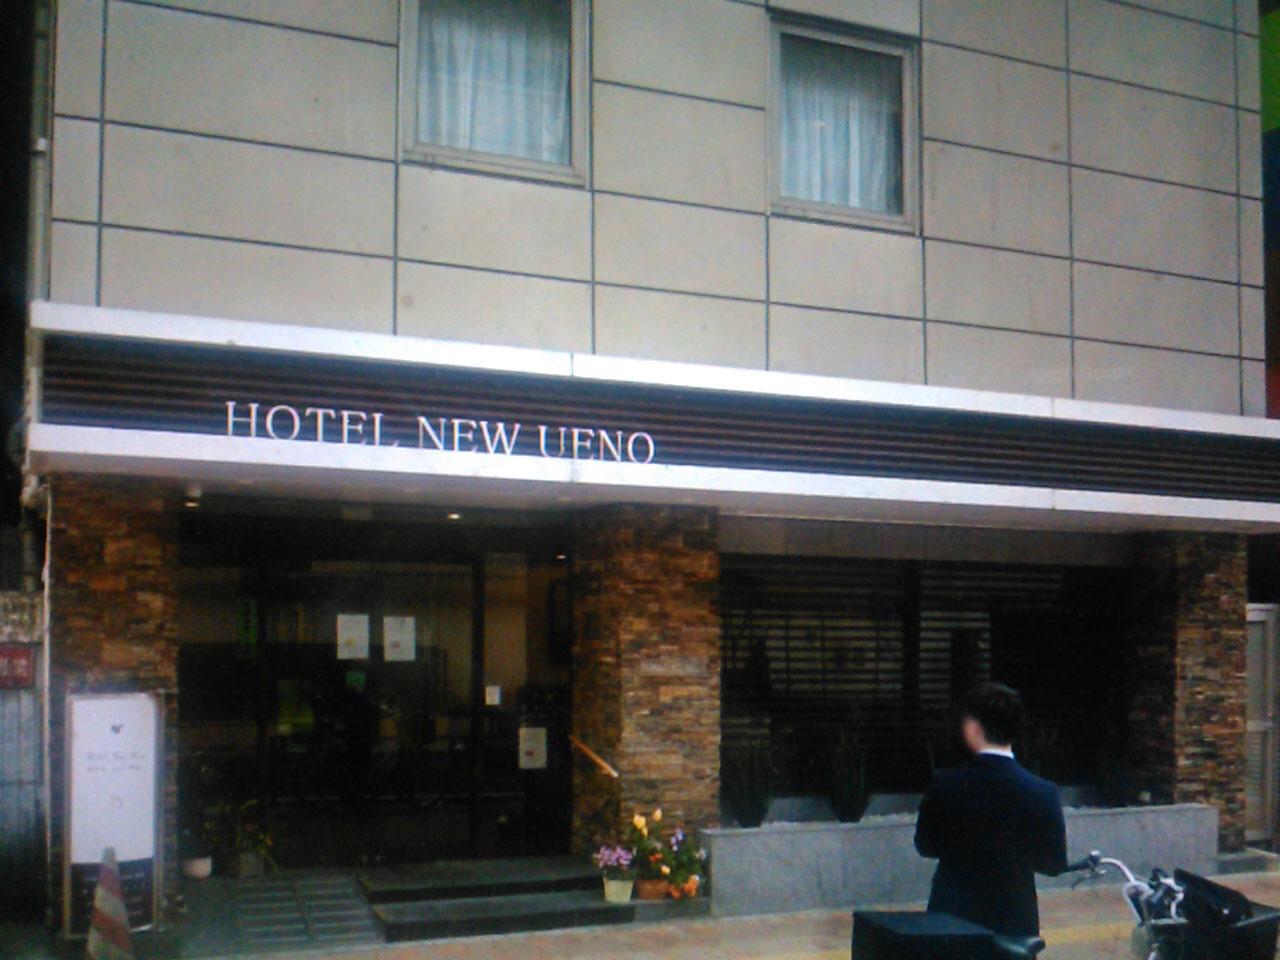 上野で出張マッサージを利用できるホテル「ホテルニューウエノ」